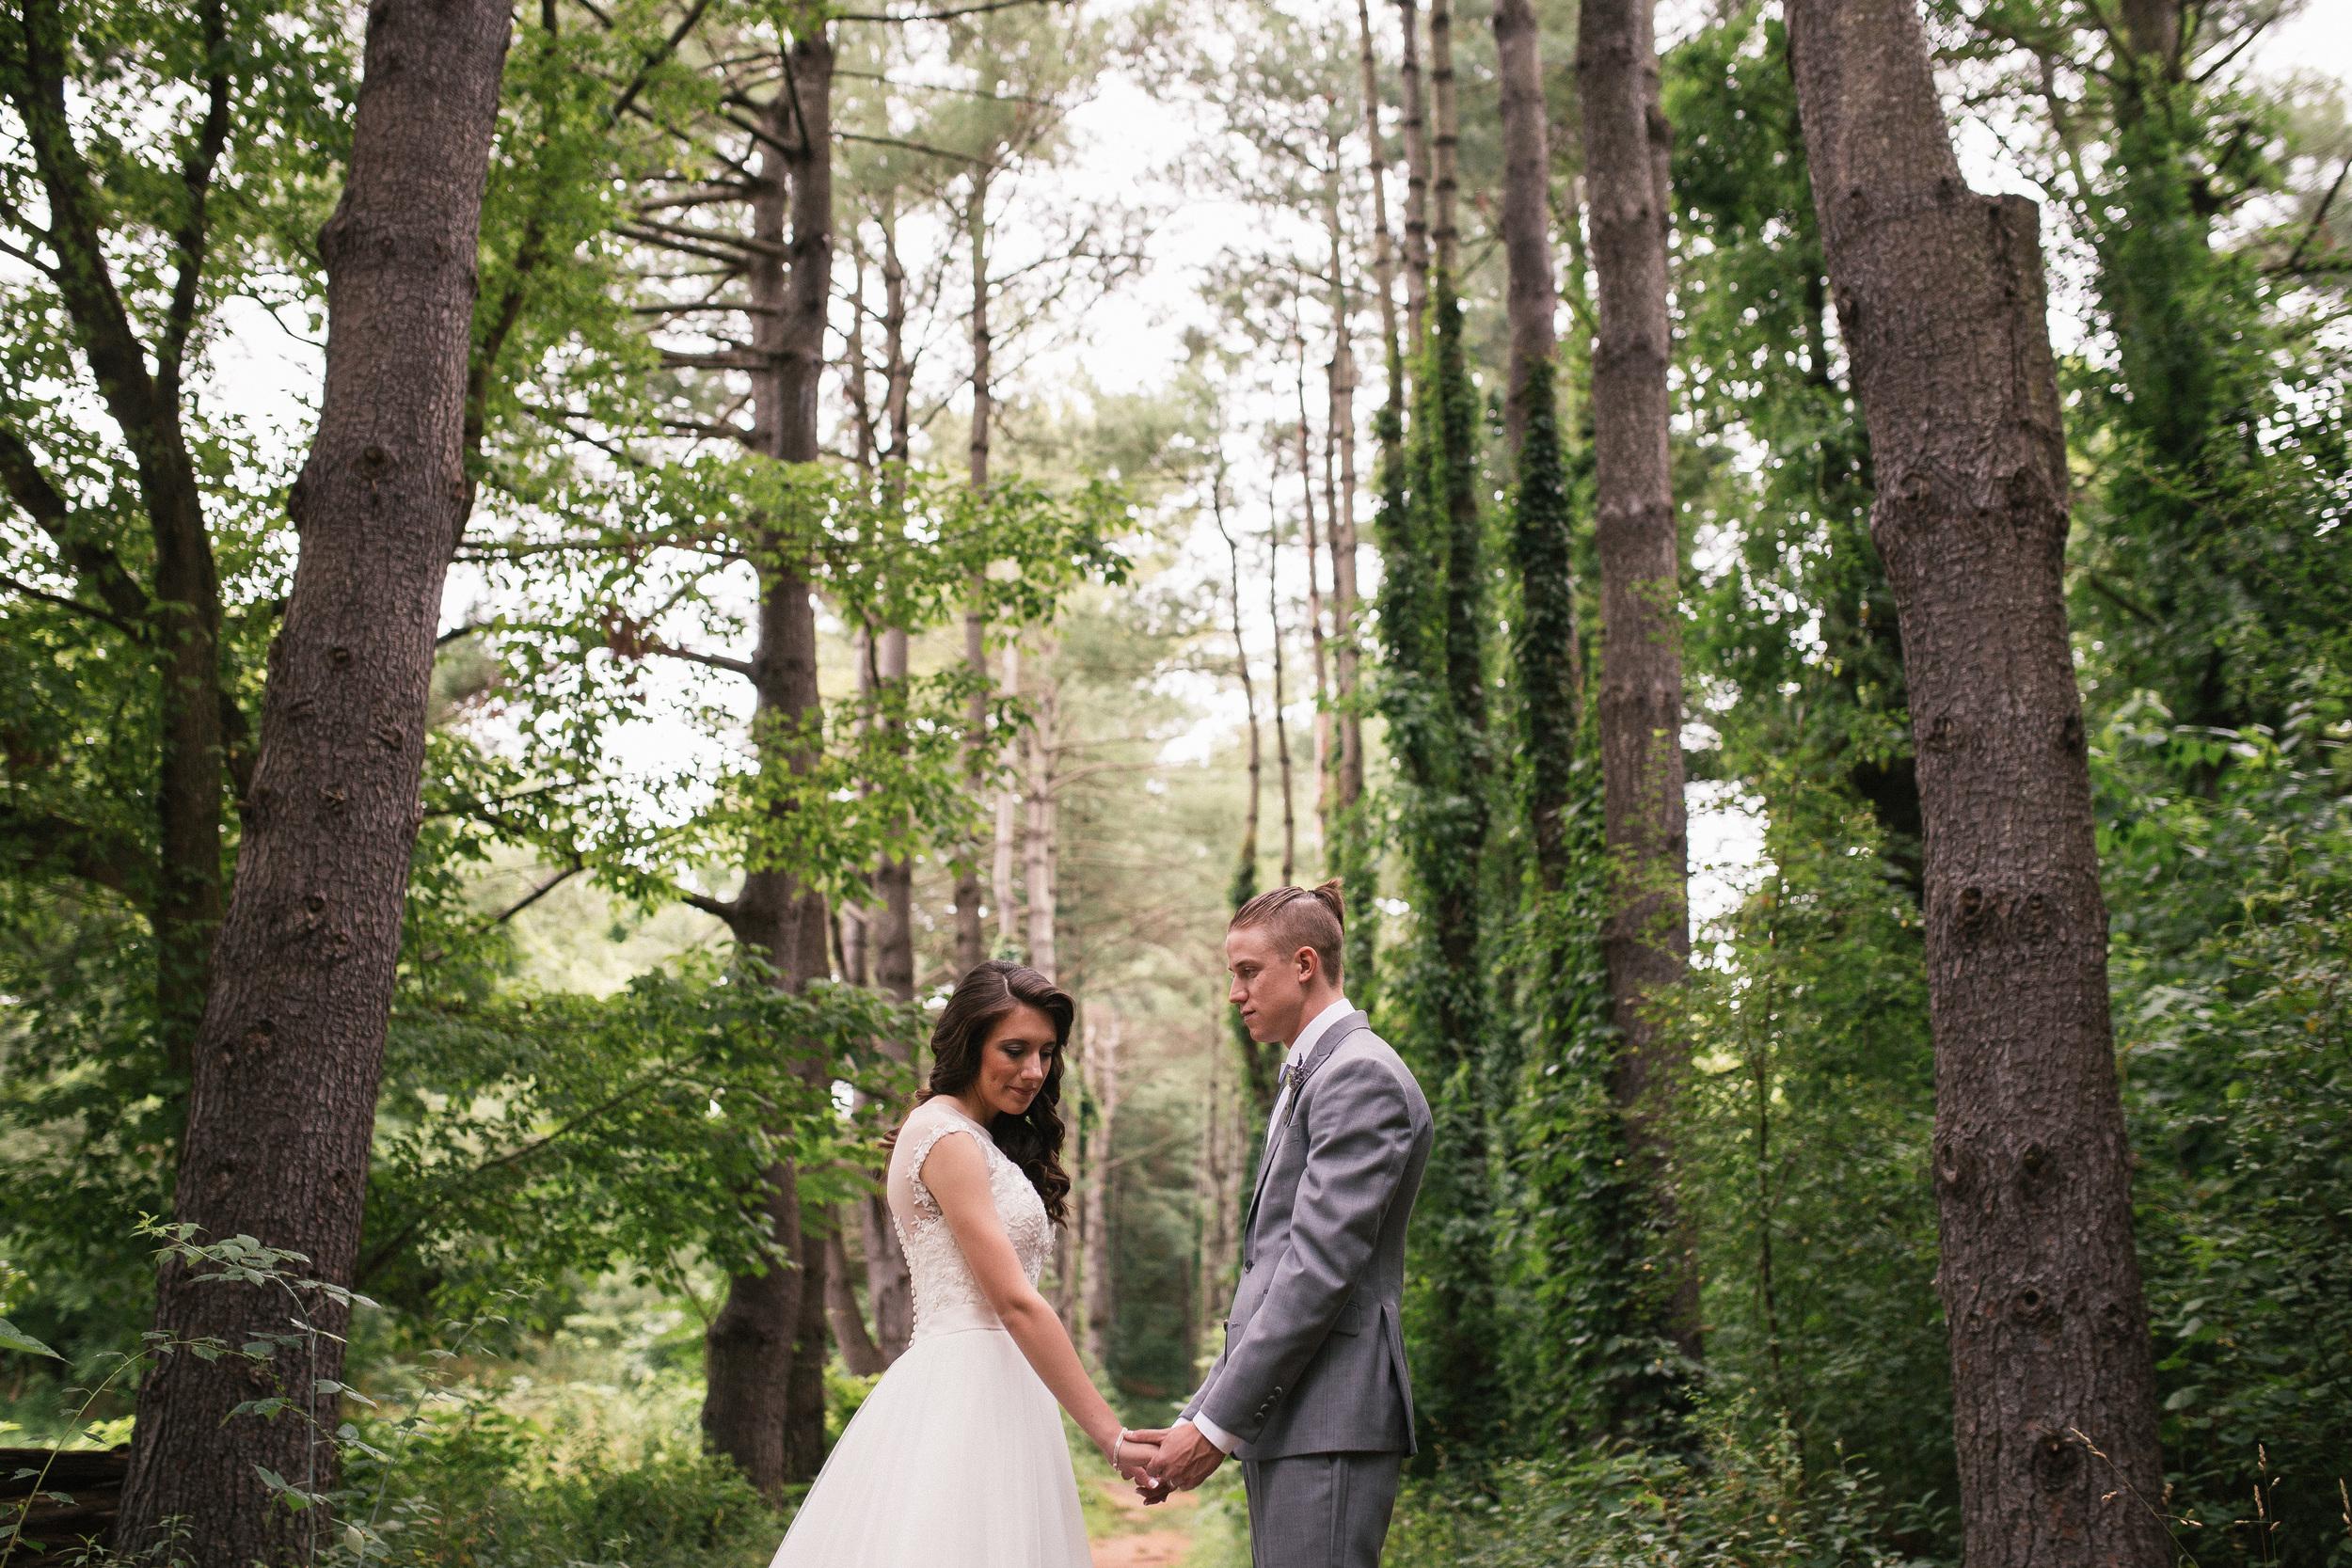 Taylor+&+Valerie+Wedding-1.jpg